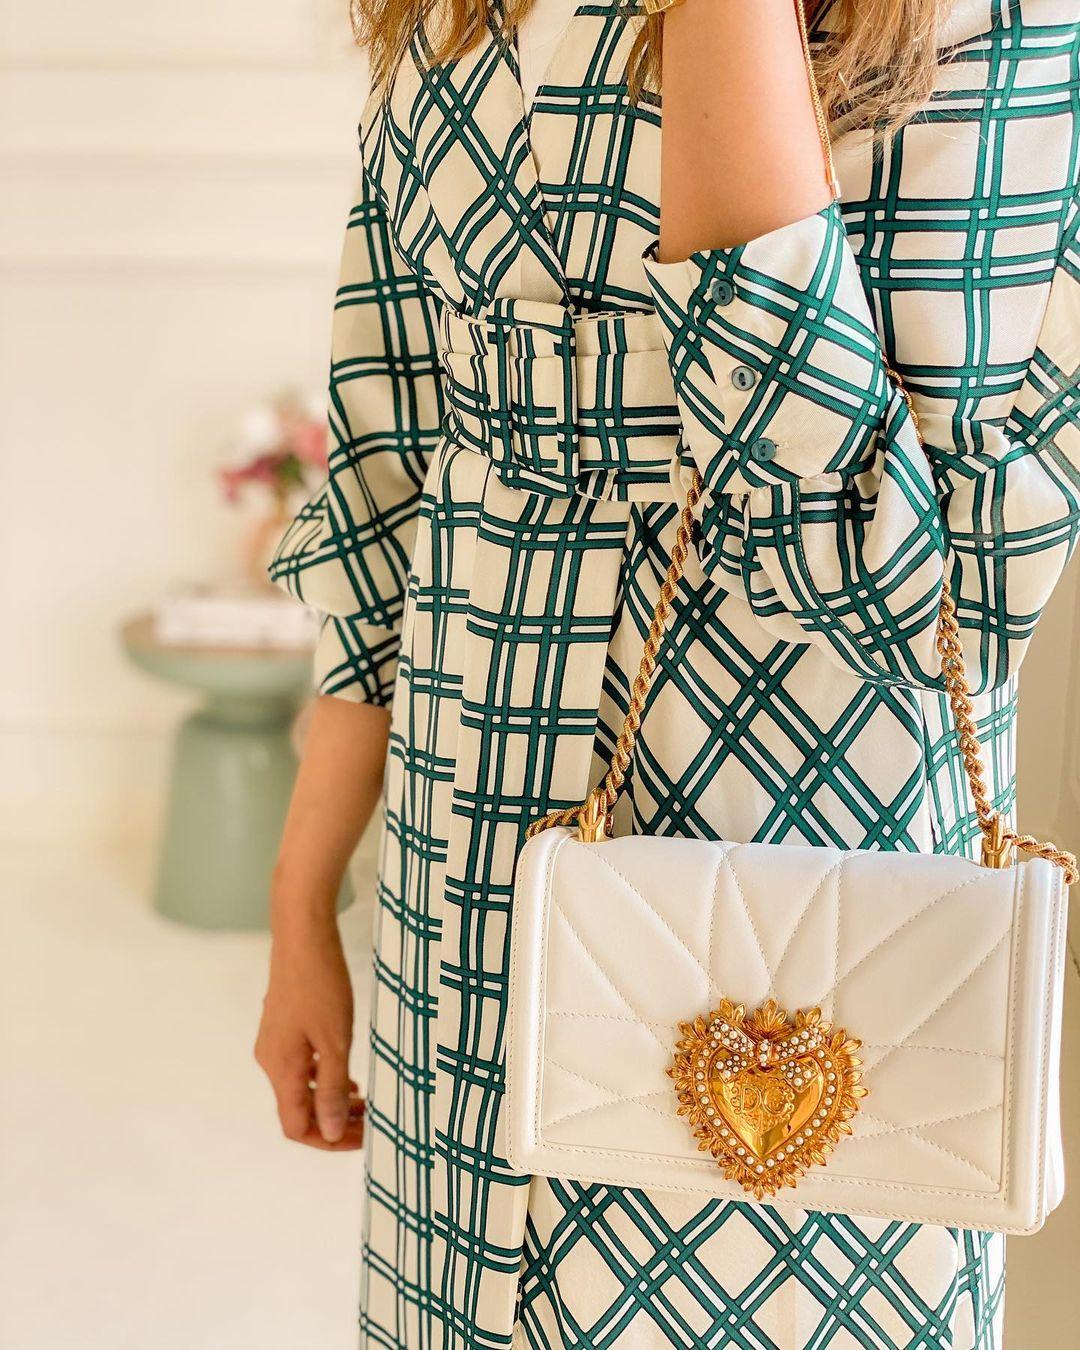 bolsas da marca Dolce & Gabbana